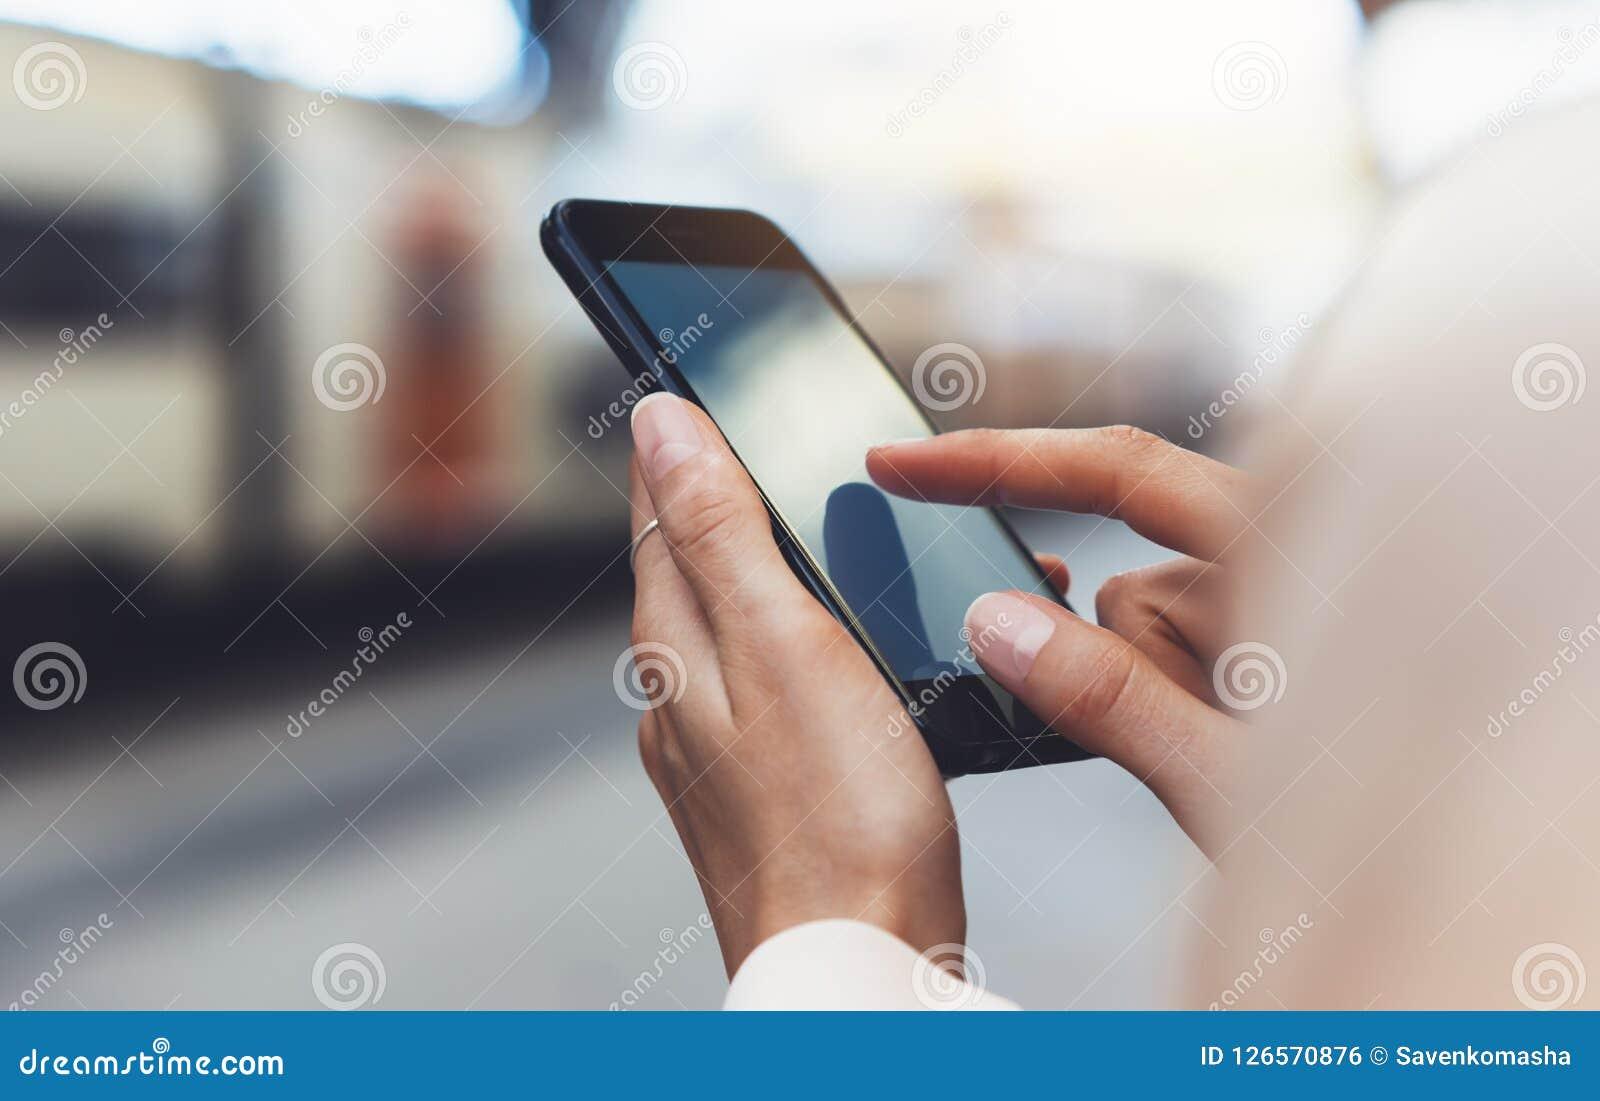 Hippie de Blogger employant dans le téléphone portable d instrument de mains, message textuel de femme sur le smartphone d écran